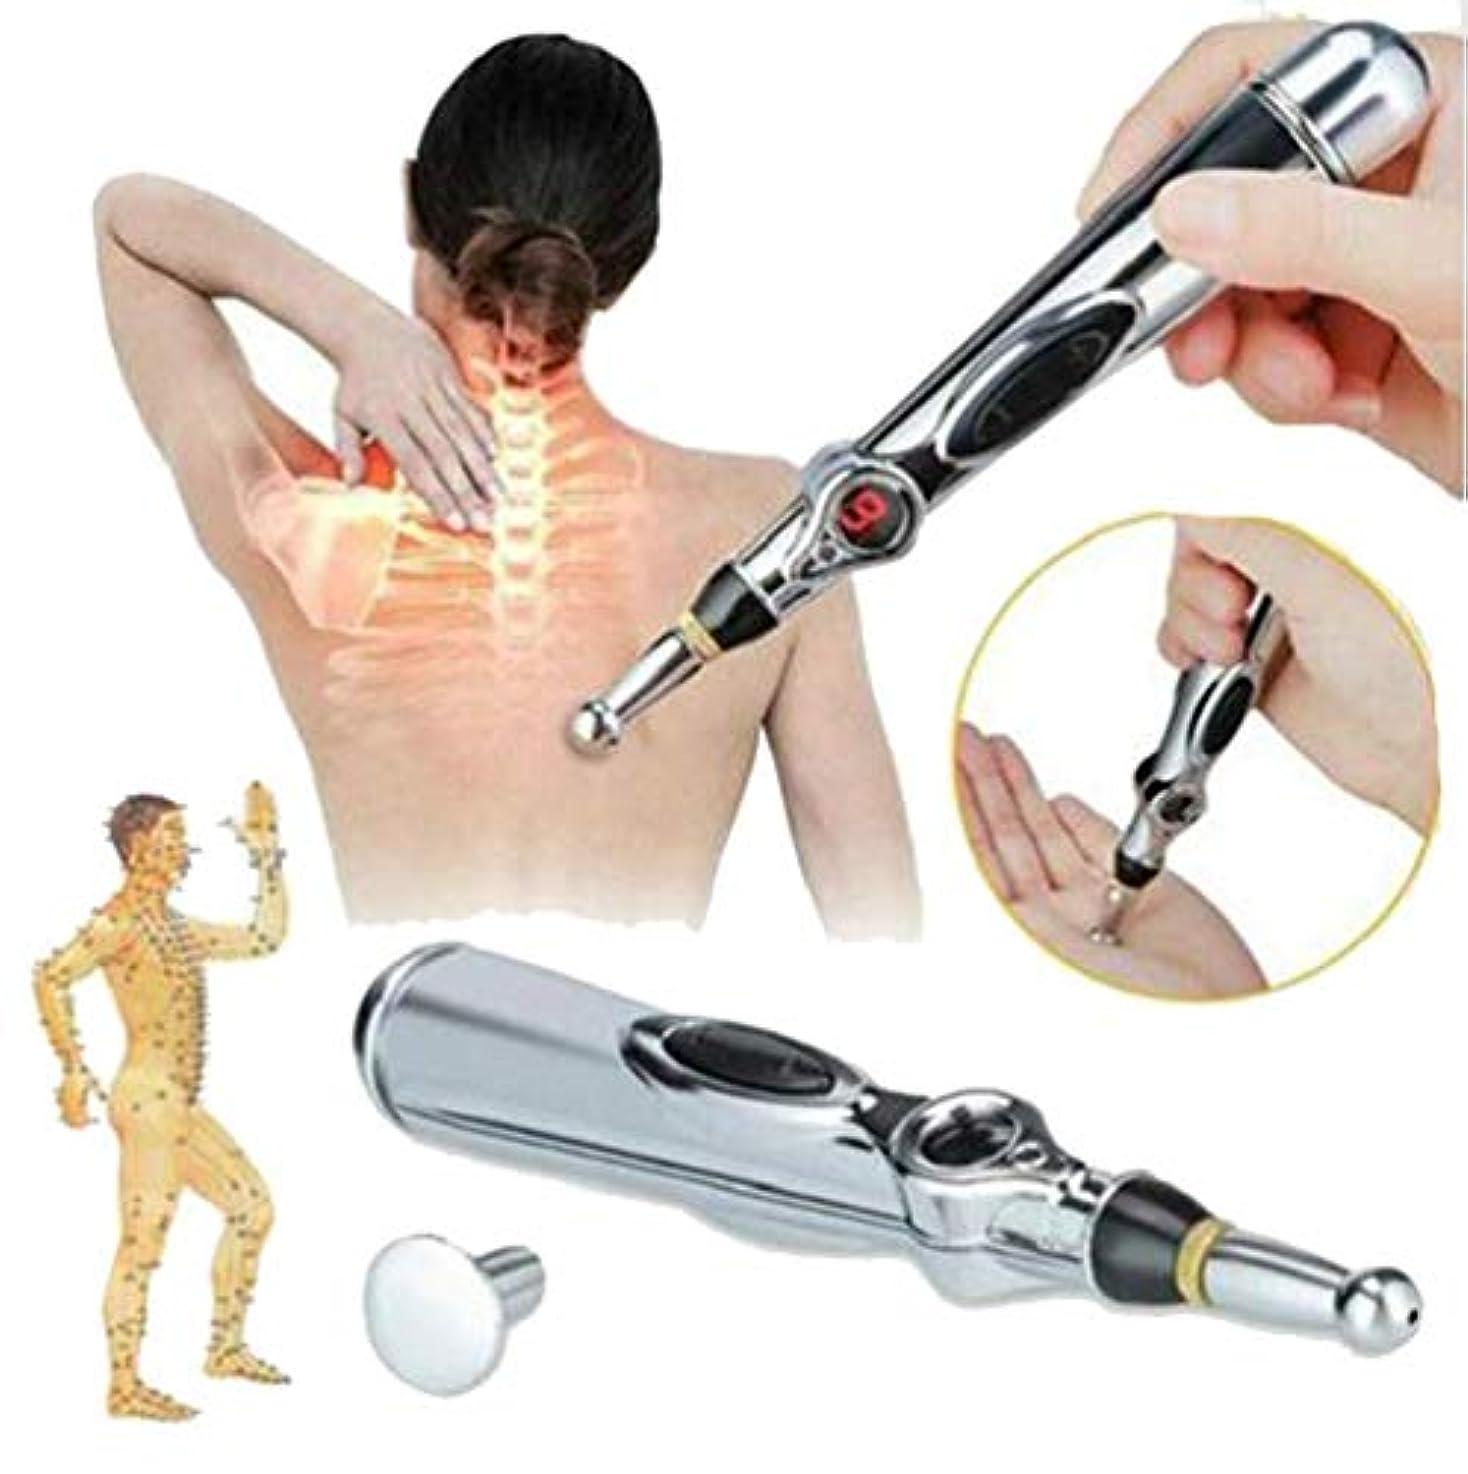 入力くるみ豊富にLVESHOP 電子鍼ペン経絡レーザー鍼治療機マグネットマッサージャー